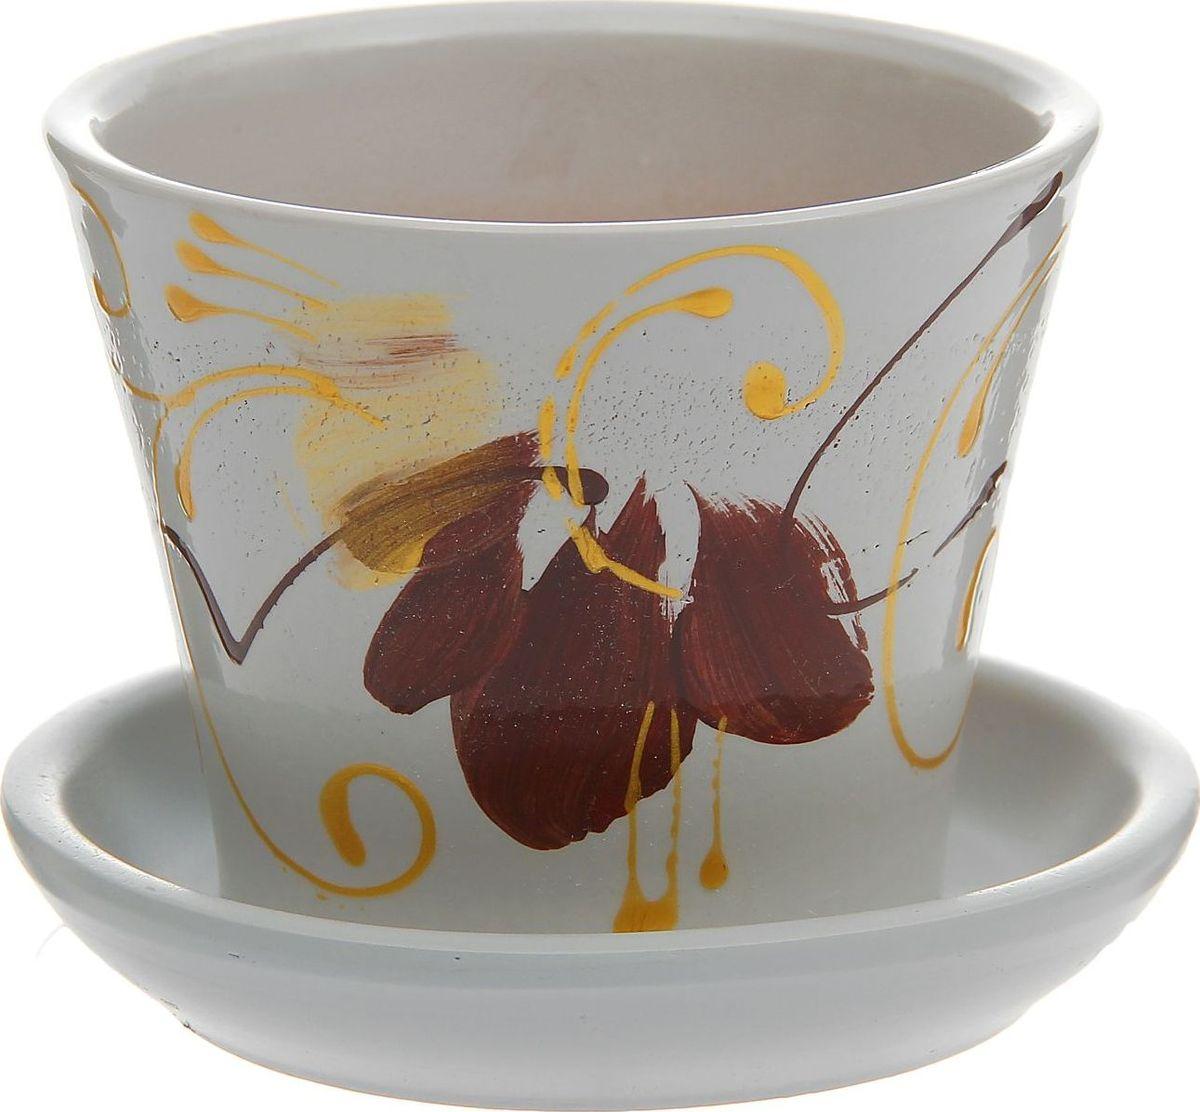 Кашпо Орхидея, 0,3 л1177409Комнатные растения — всеобщие любимцы. Они радуют глаз, насыщают помещение кислородом и украшают пространство. Каждому из них необходим свой удобный и красивый дом. Кашпо из керамики прекрасно подходят для высадки растений: за счет пластичности глины и разных способов обработки существует великое множество форм и дизайнов пористый материал позволяет испаряться лишней влаге воздух, необходимый для дыхания корней, проникает сквозь керамические стенки! позаботится о зеленом питомце, освежит интерьер и подчеркнет его стиль.